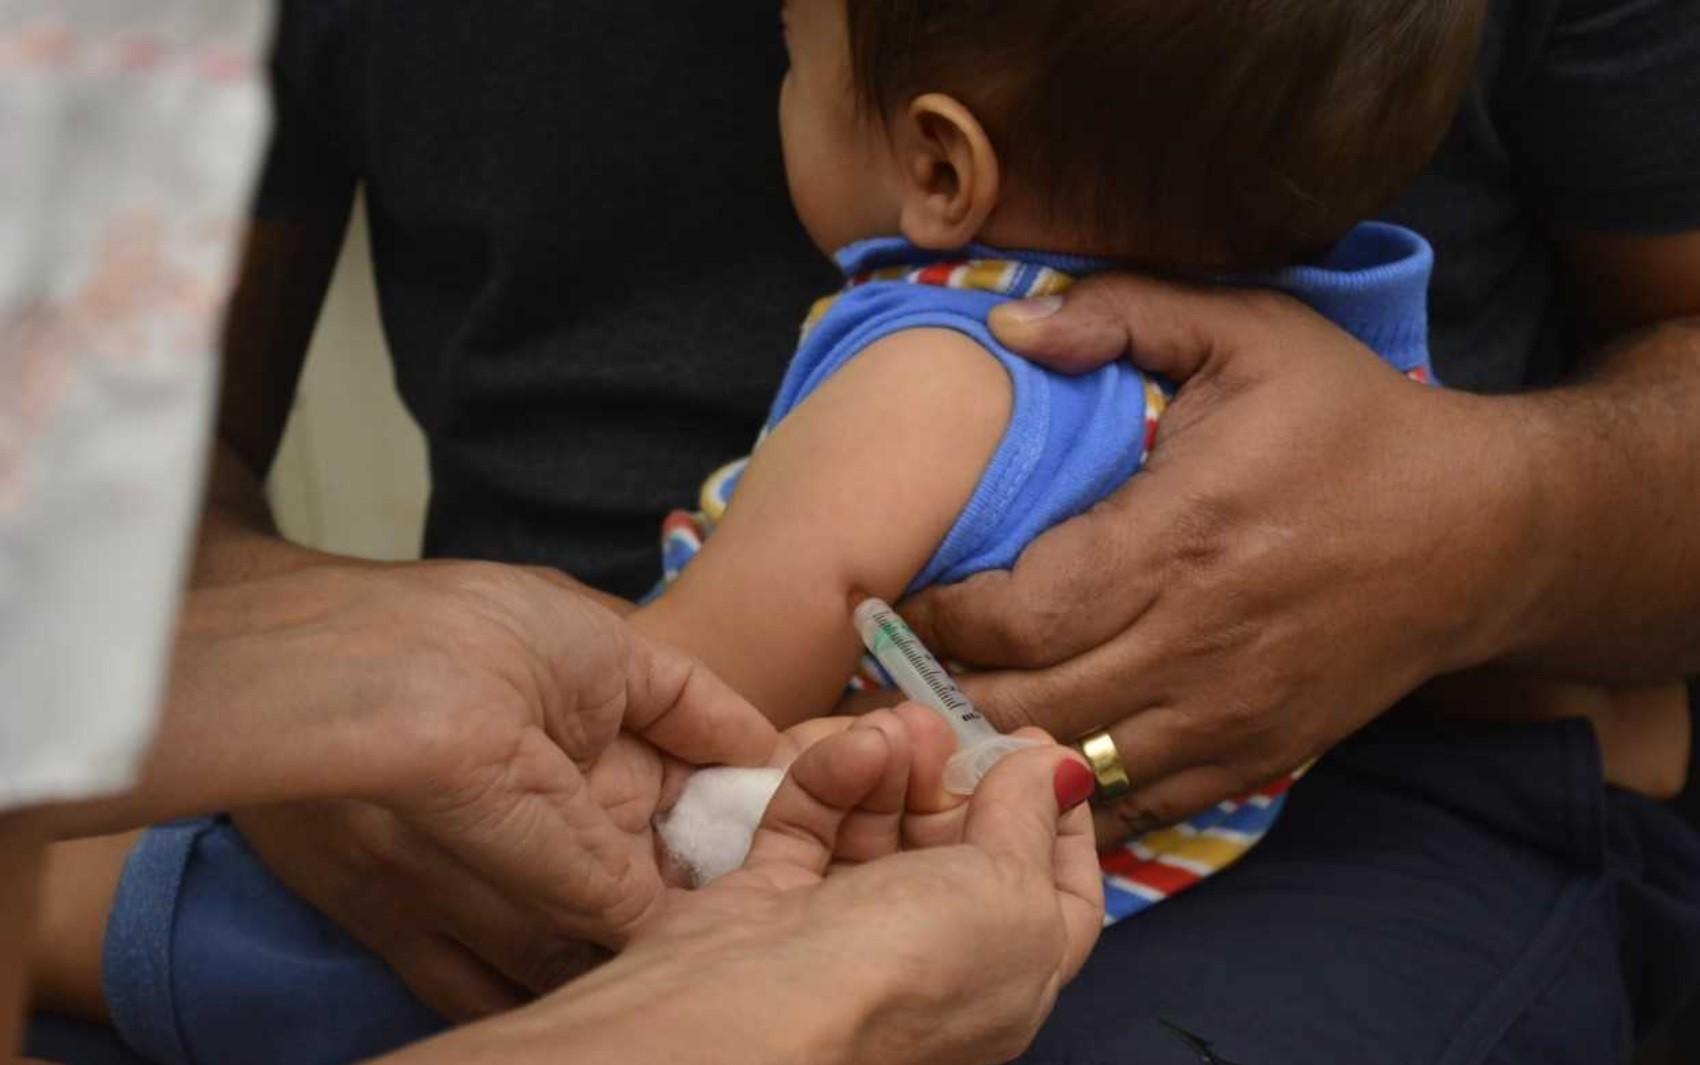 Por baixo estoque, apenas crianças estão sendo vacinadas contra o sarampo em Ariquemes, RO